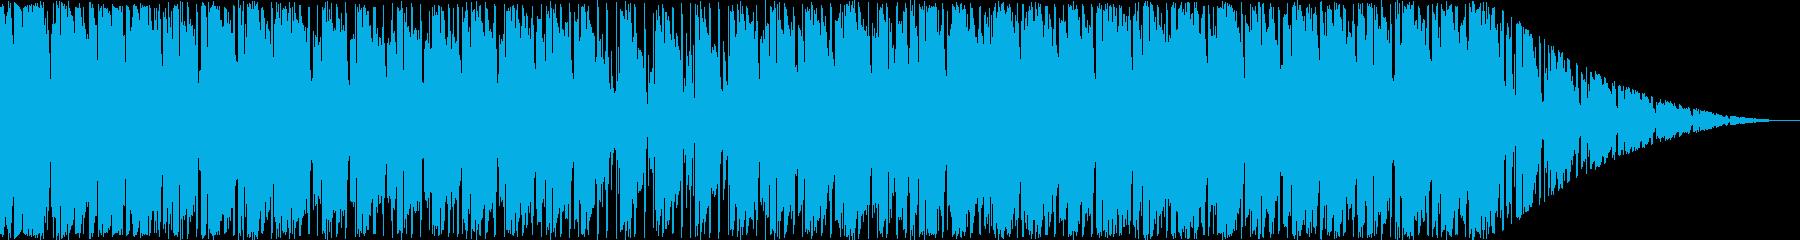 リラックスムードのヒップホップの再生済みの波形